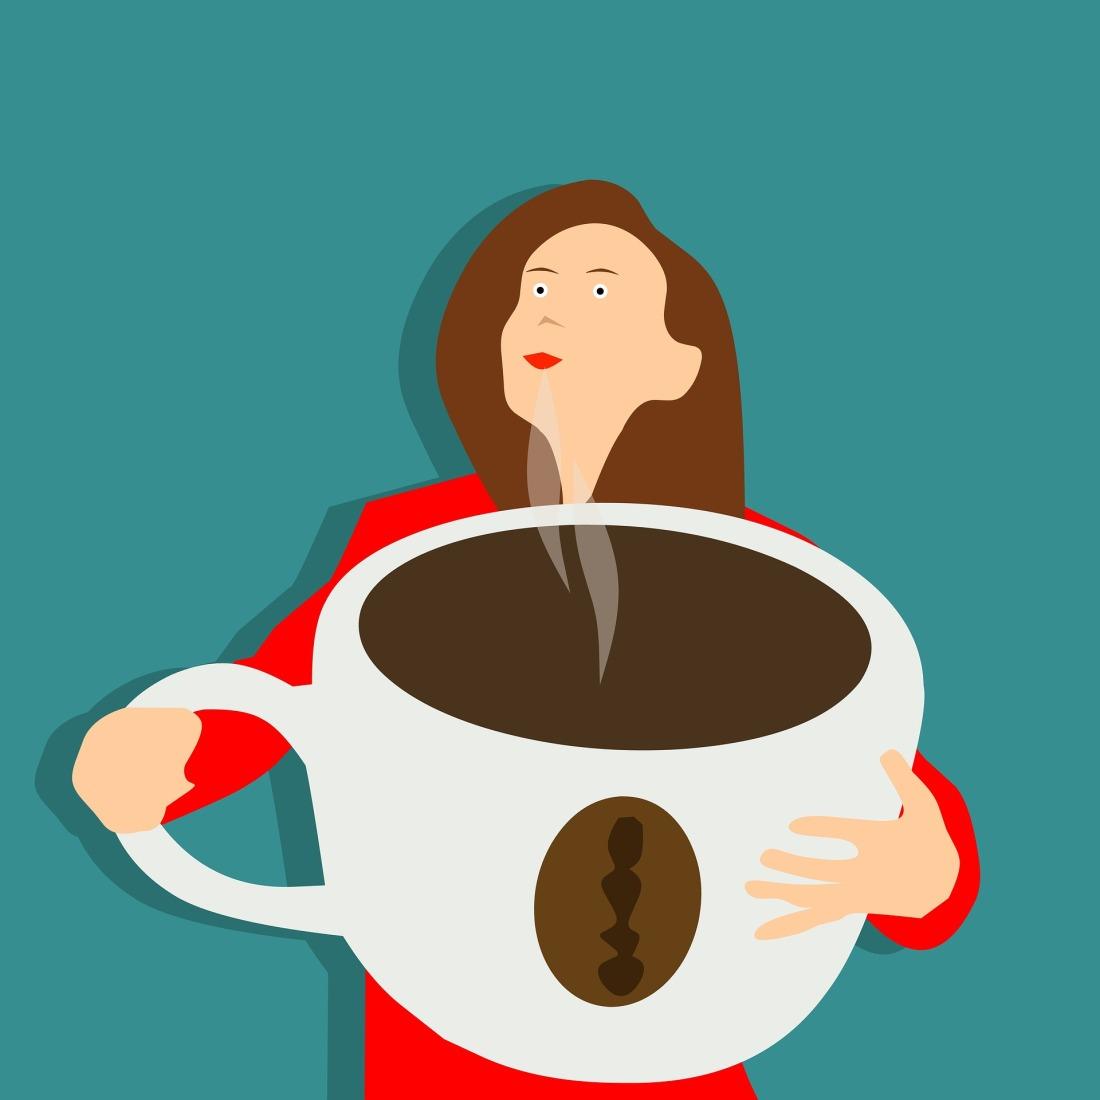 coffee-3026378_1920